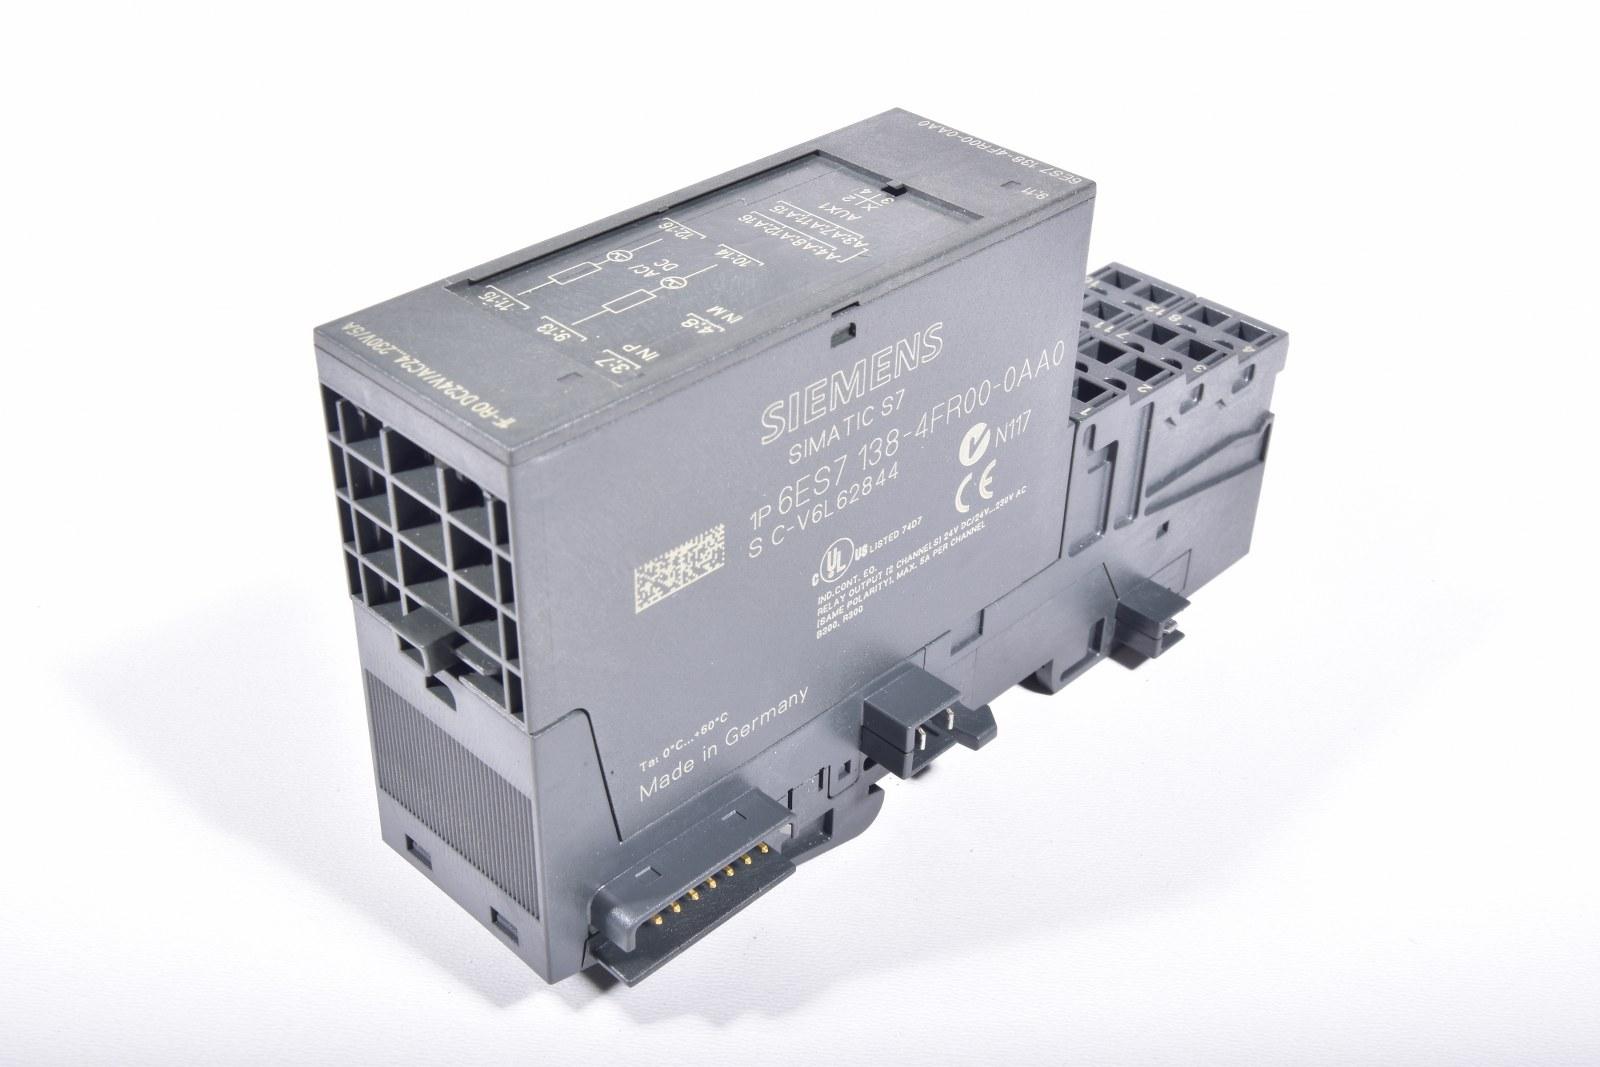 Siemens Simatic S7 6ES7138-4FR00-0AA0